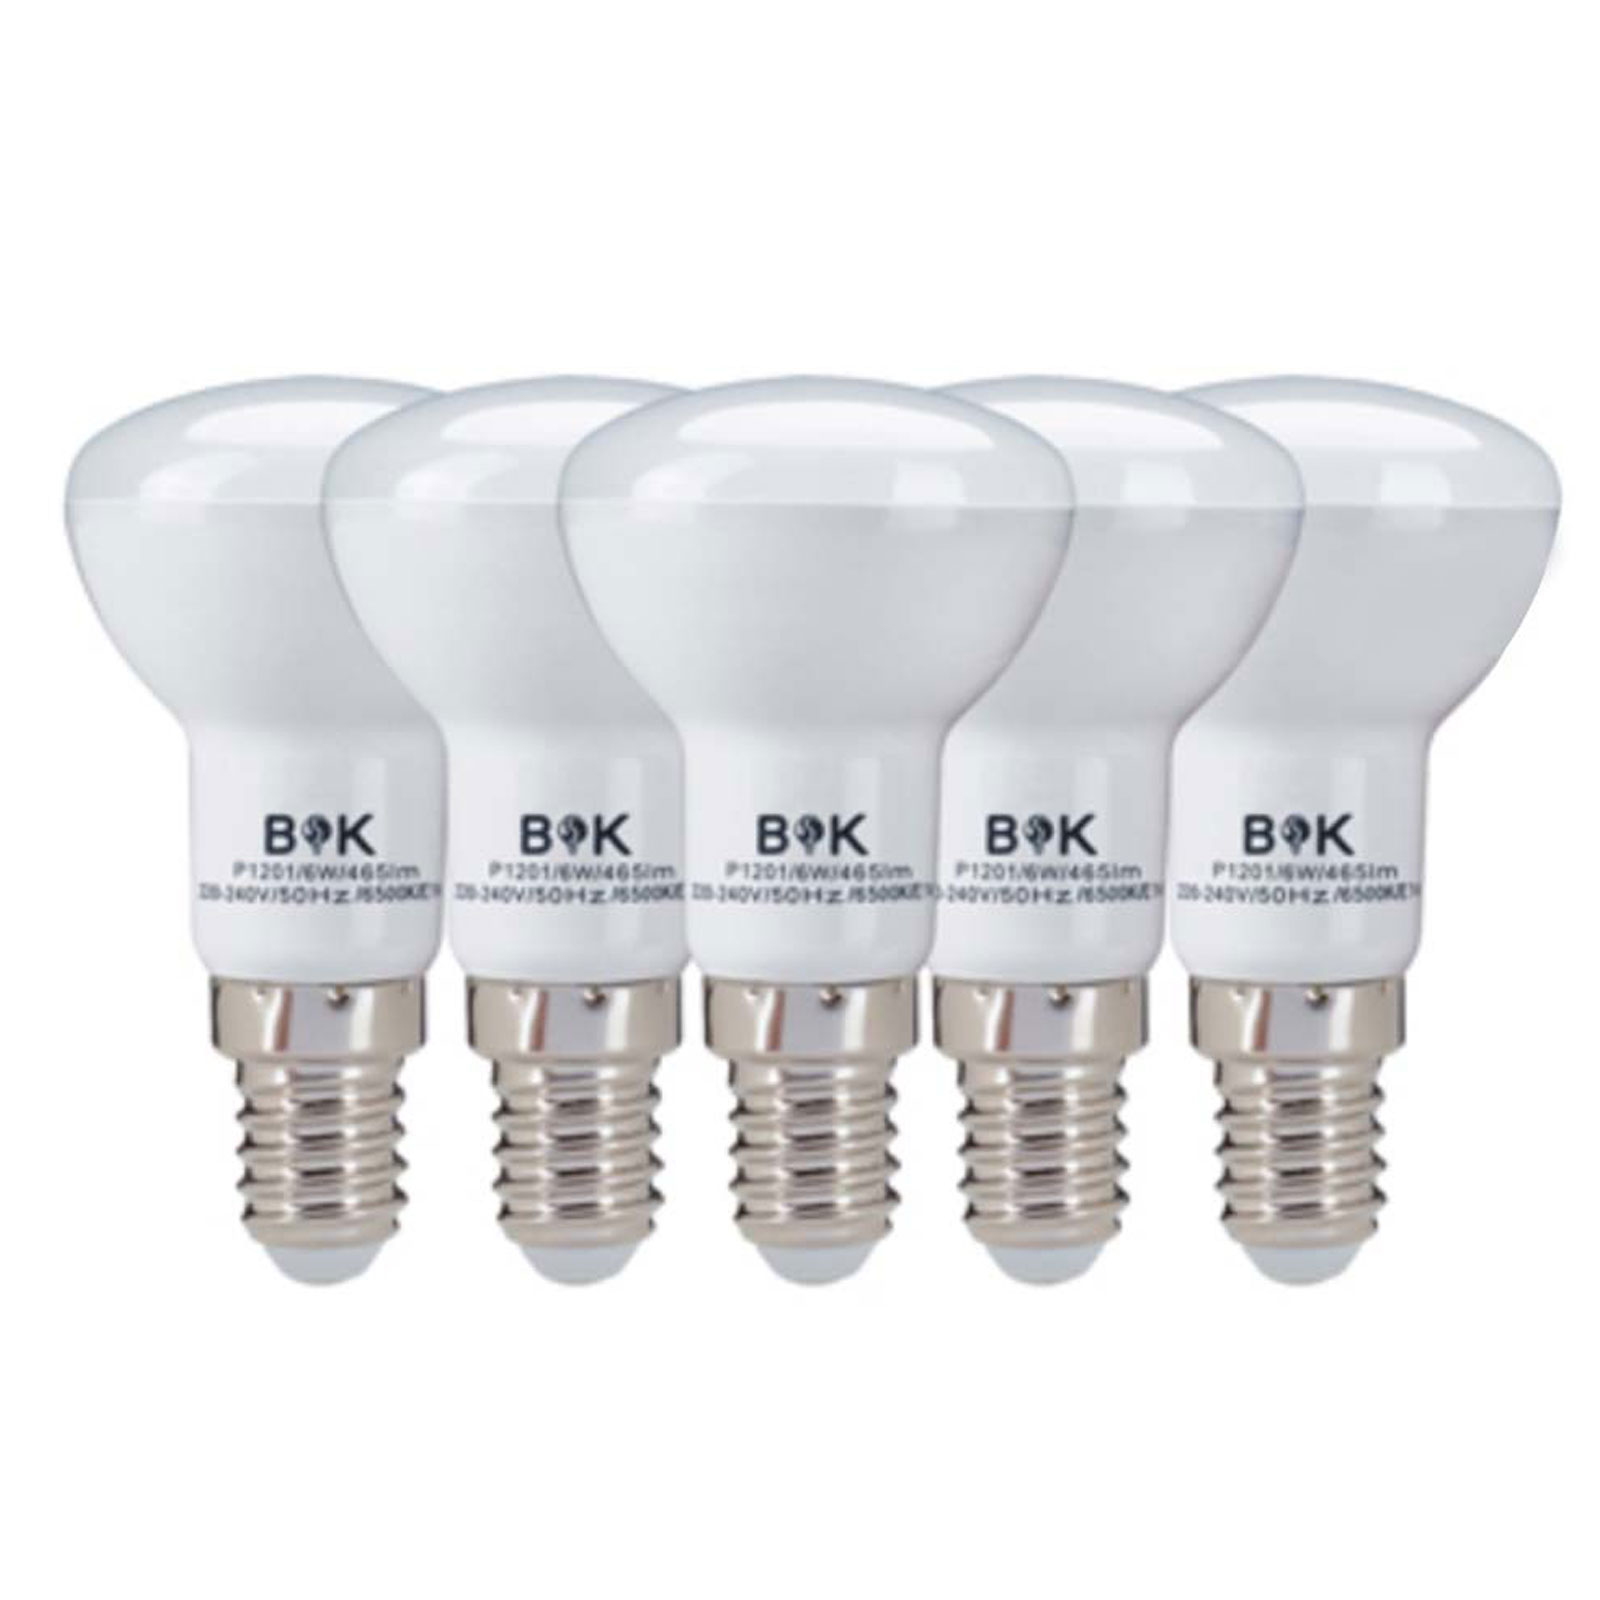 لامپ ال ای دی رفلکتور 6 وات بابک بسته 5 عددی